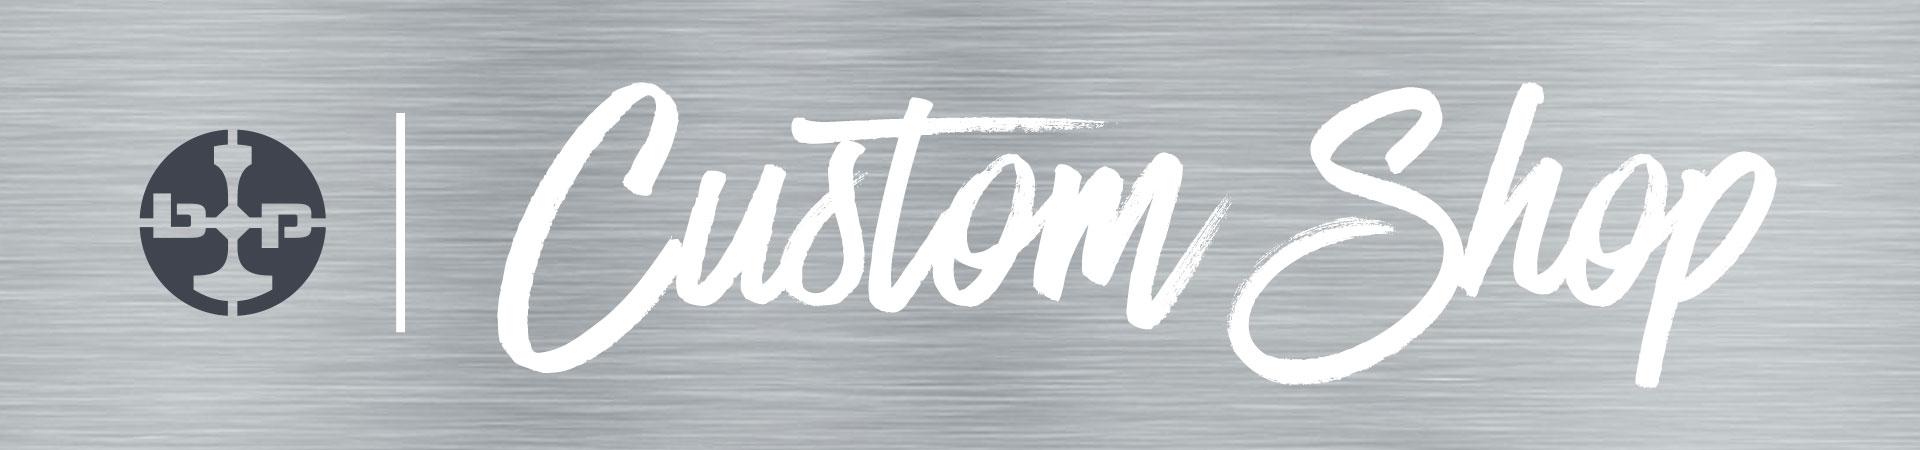 bpd-website-header-custom-2.jpg